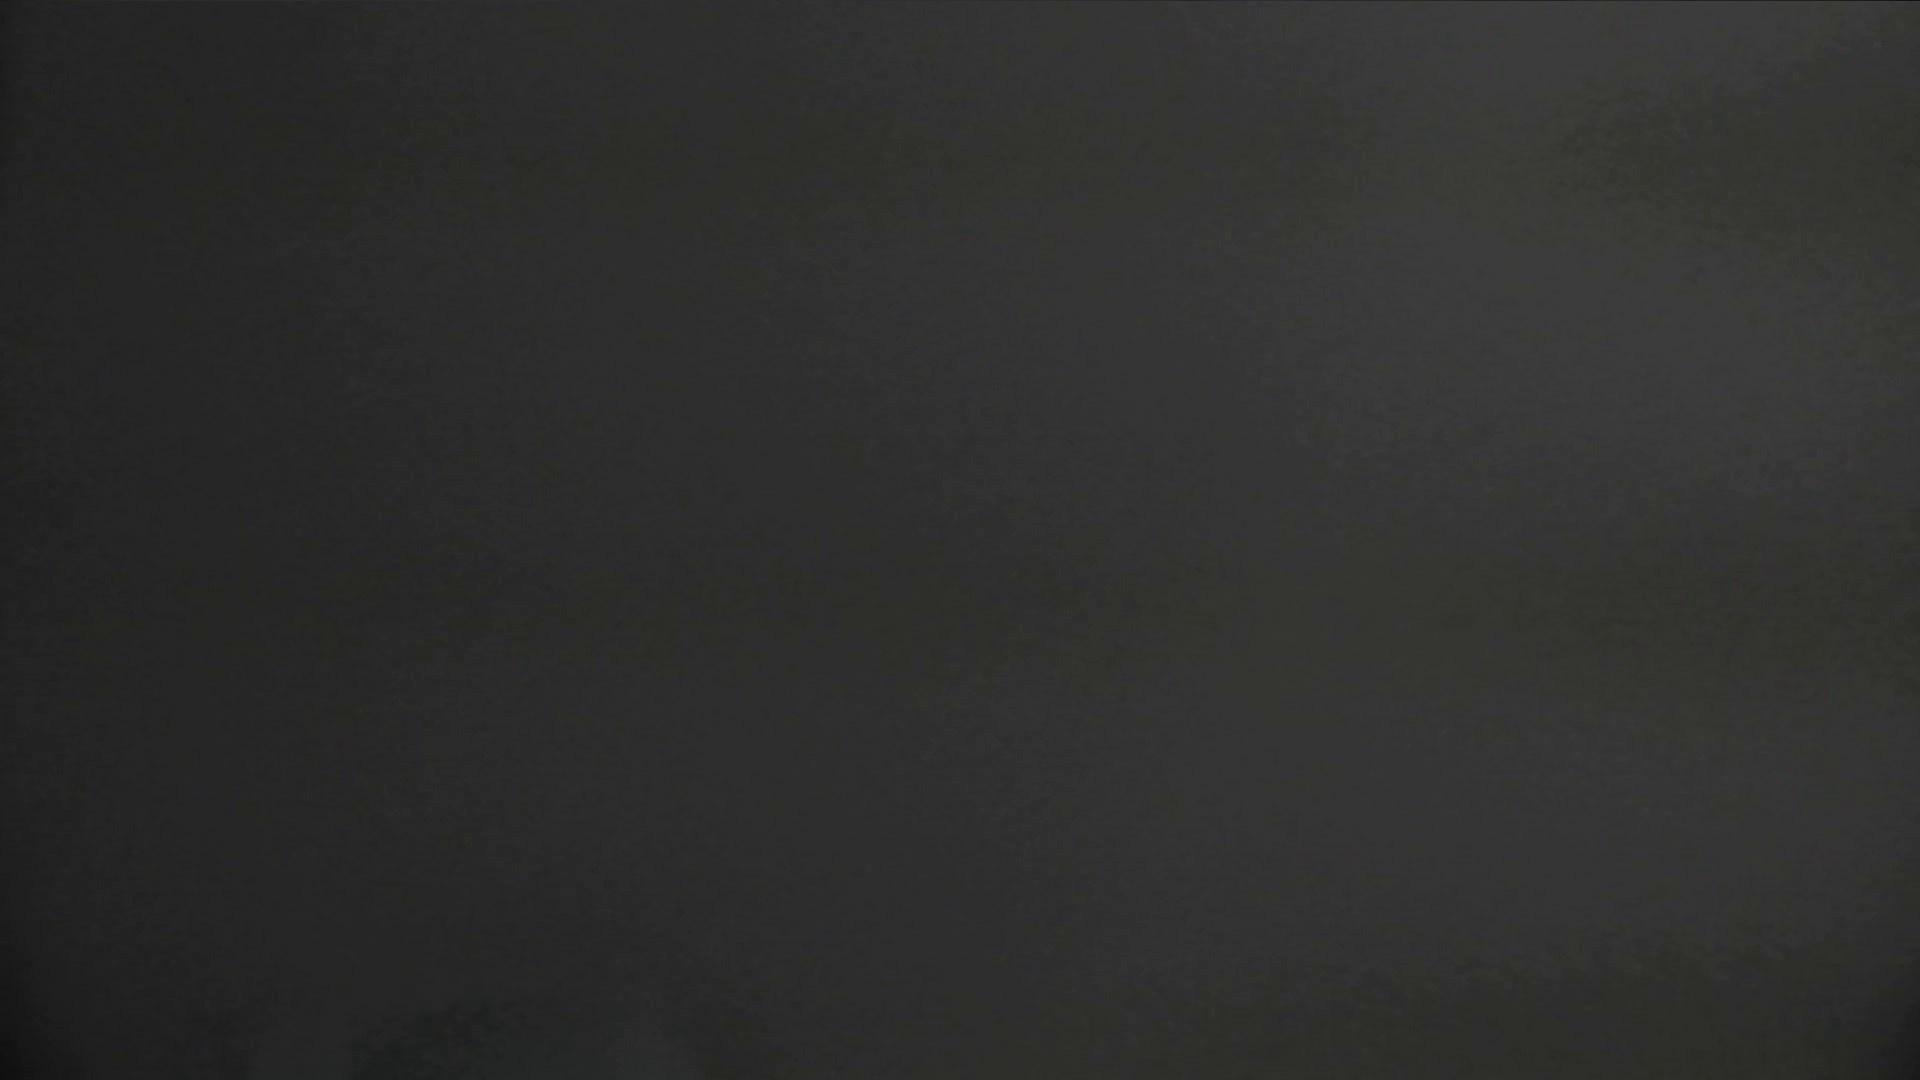 お銀さんの「洗面所突入レポート!!」Nol.12 洗面所 隠し撮りセックス画像 88pic 35